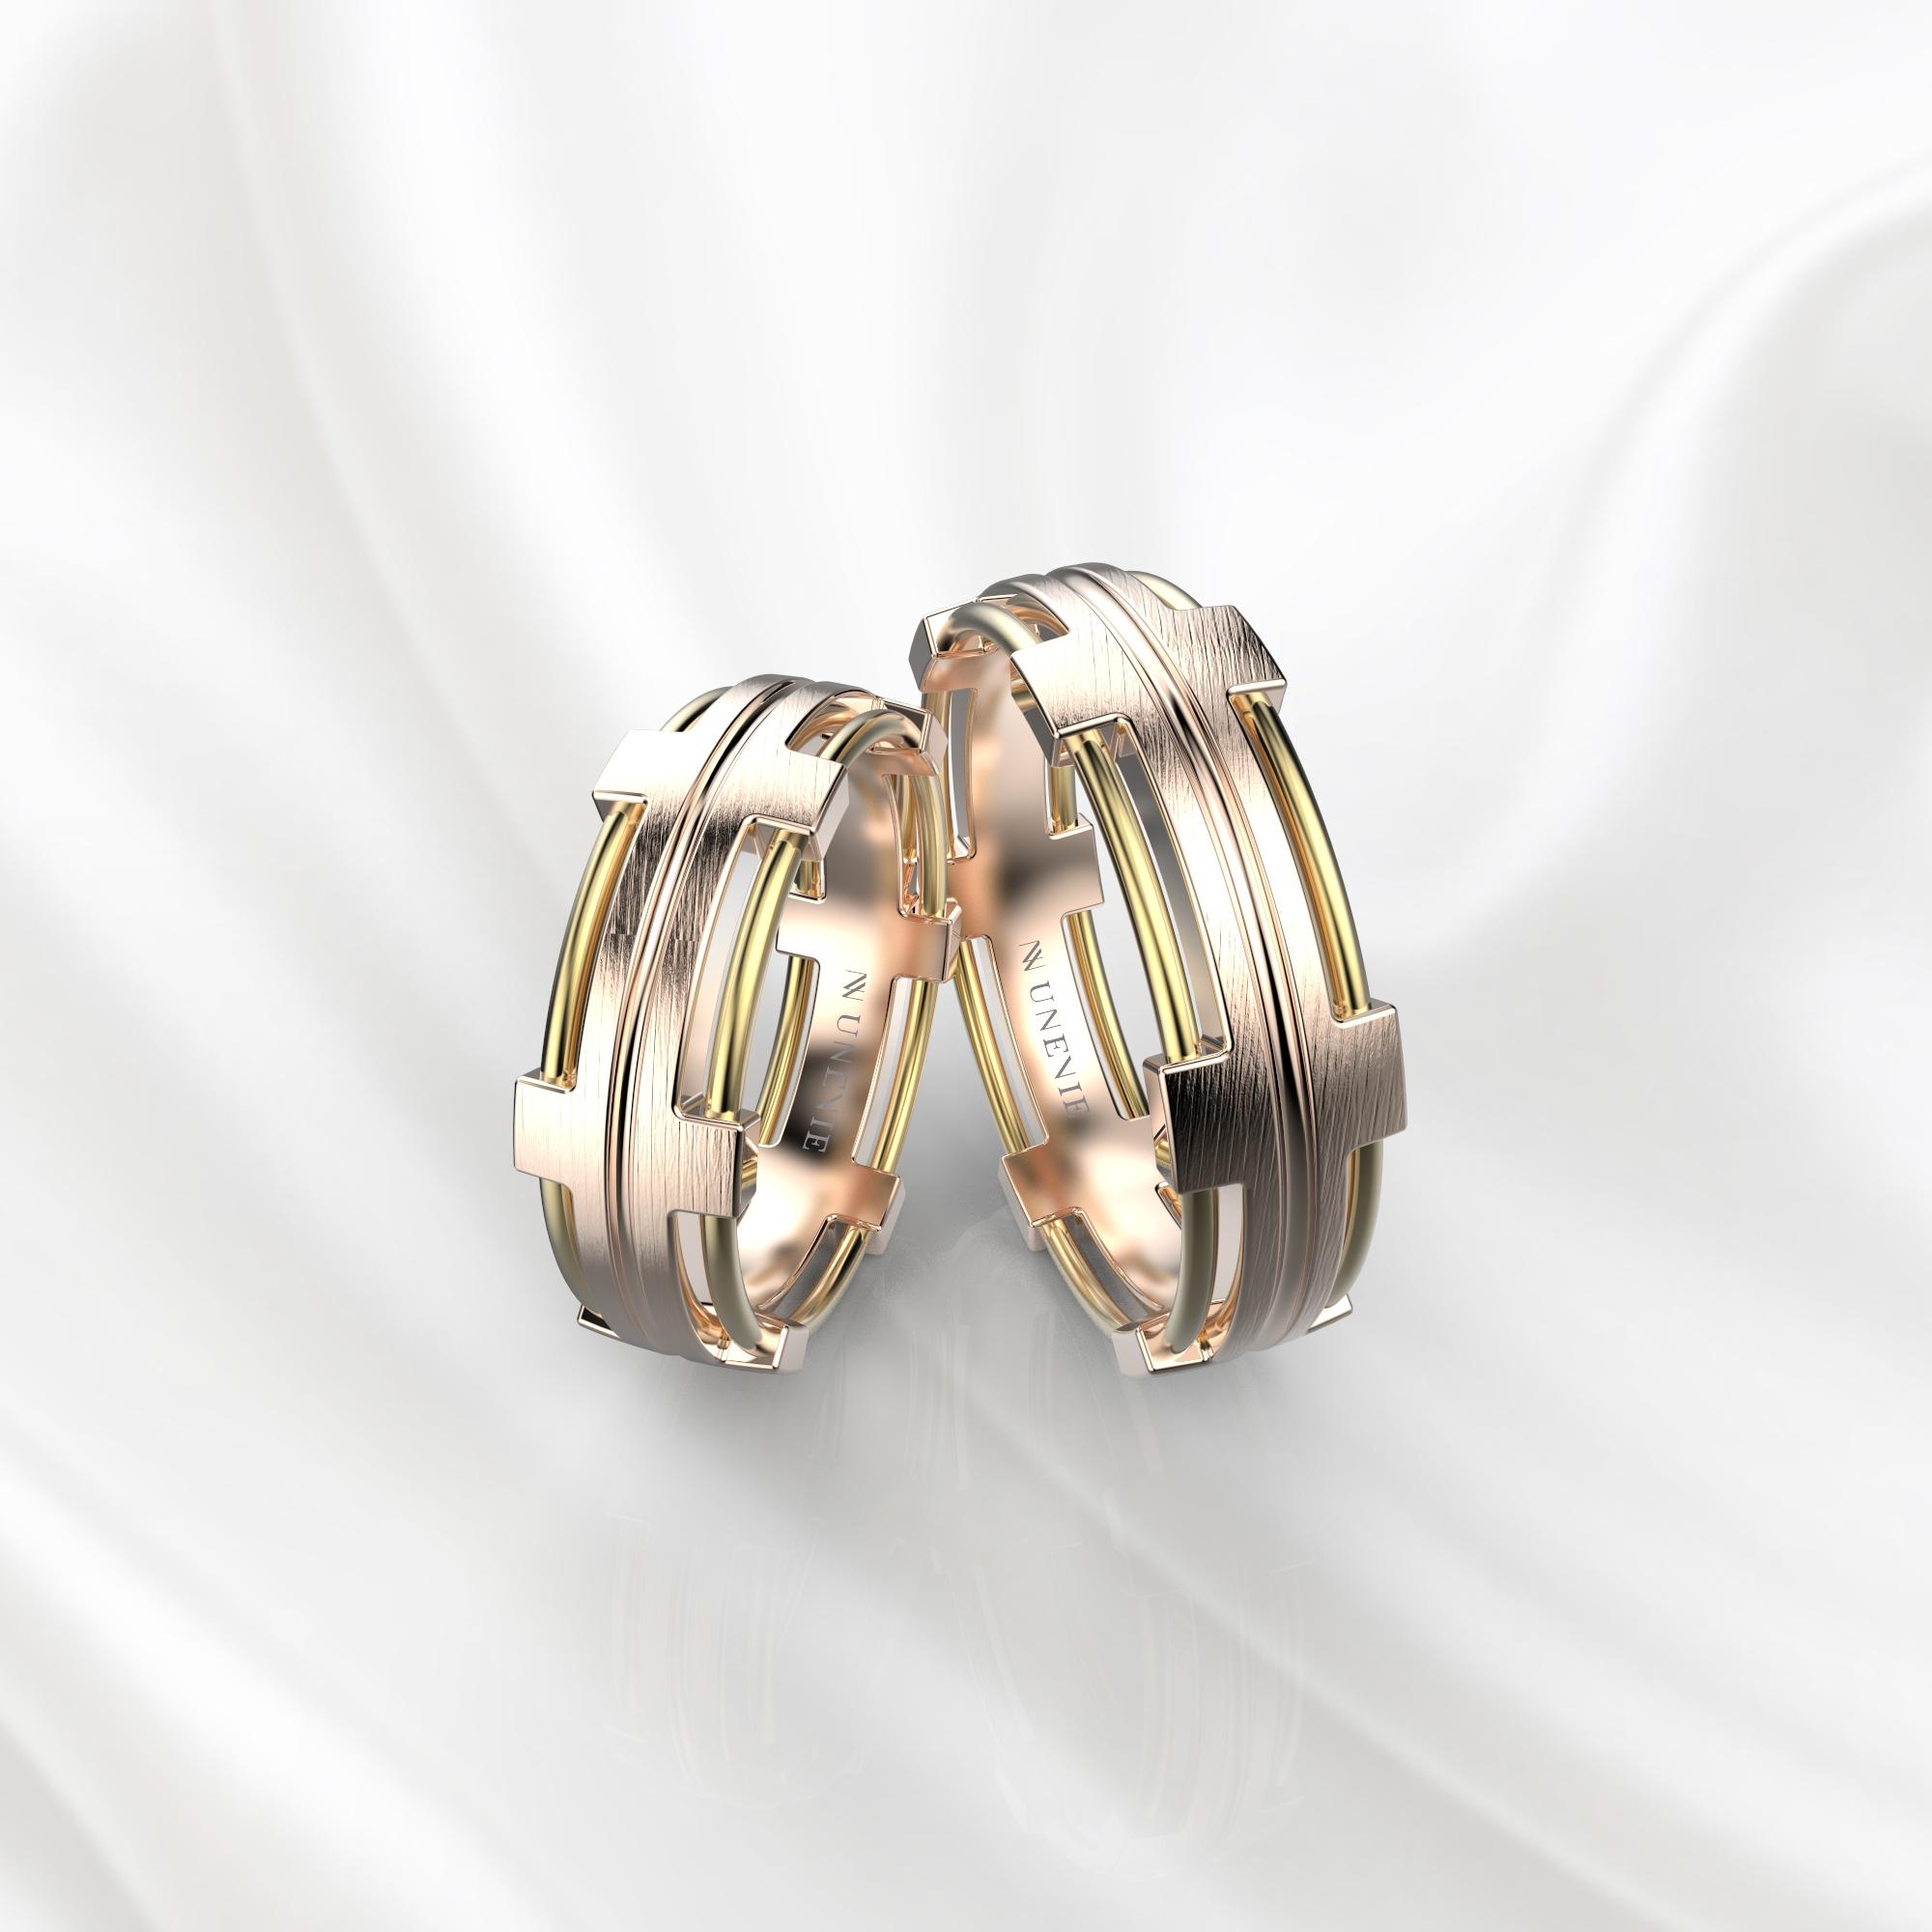 NV68 Парные обручальные кольца из розово-желтого золота